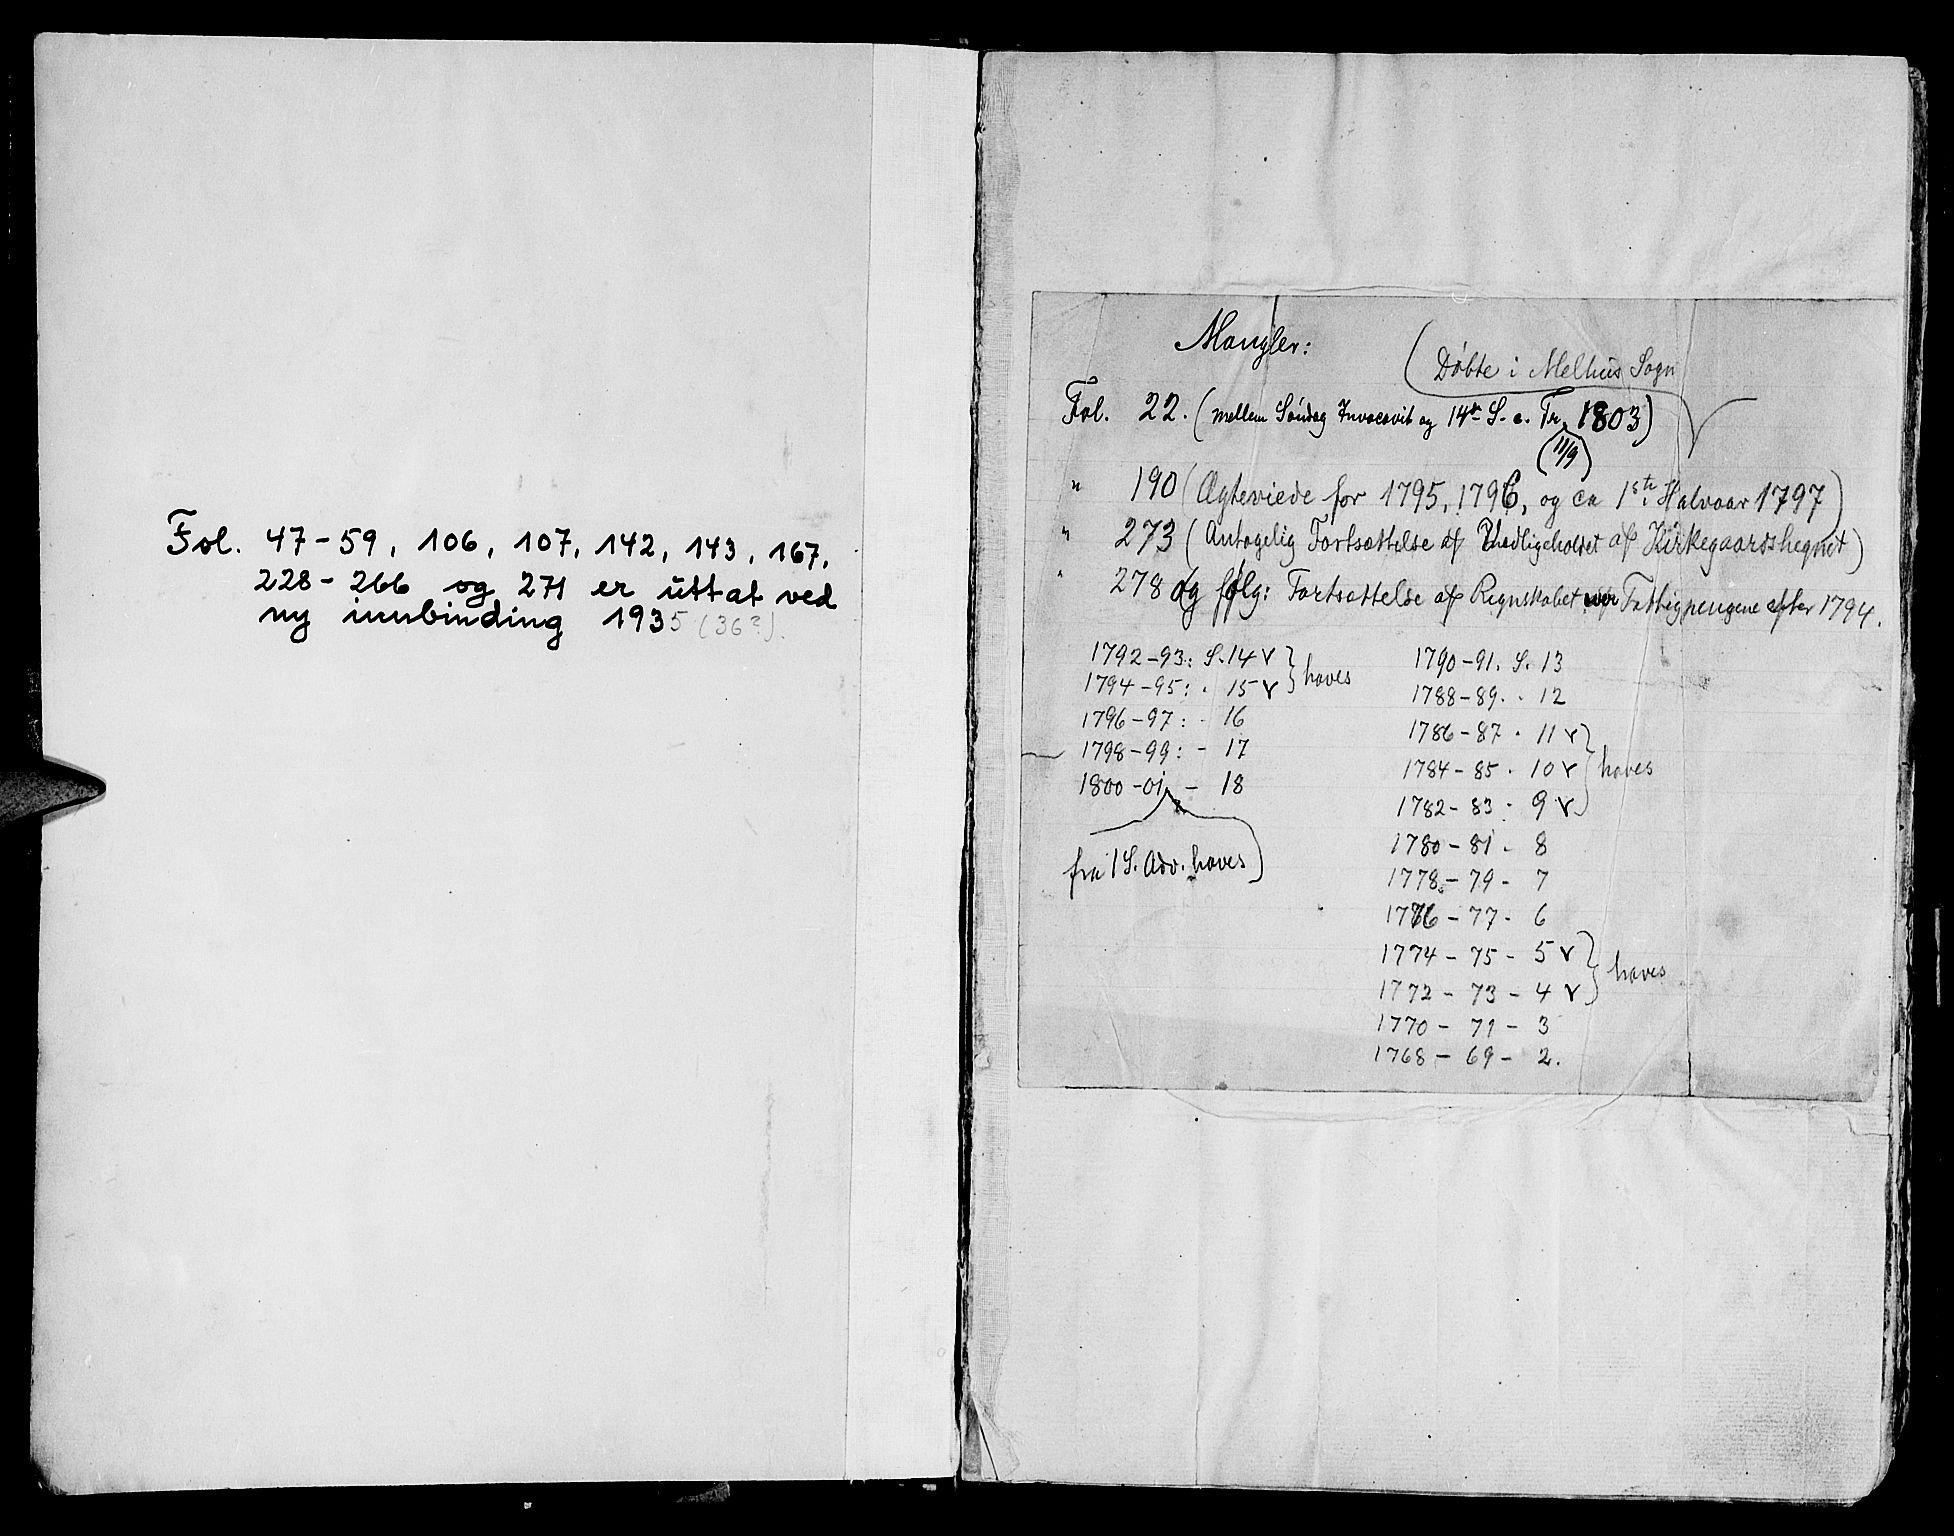 SAT, Ministerialprotokoller, klokkerbøker og fødselsregistre - Sør-Trøndelag, 691/L1061: Ministerialbok nr. 691A02 /1, 1768-1815